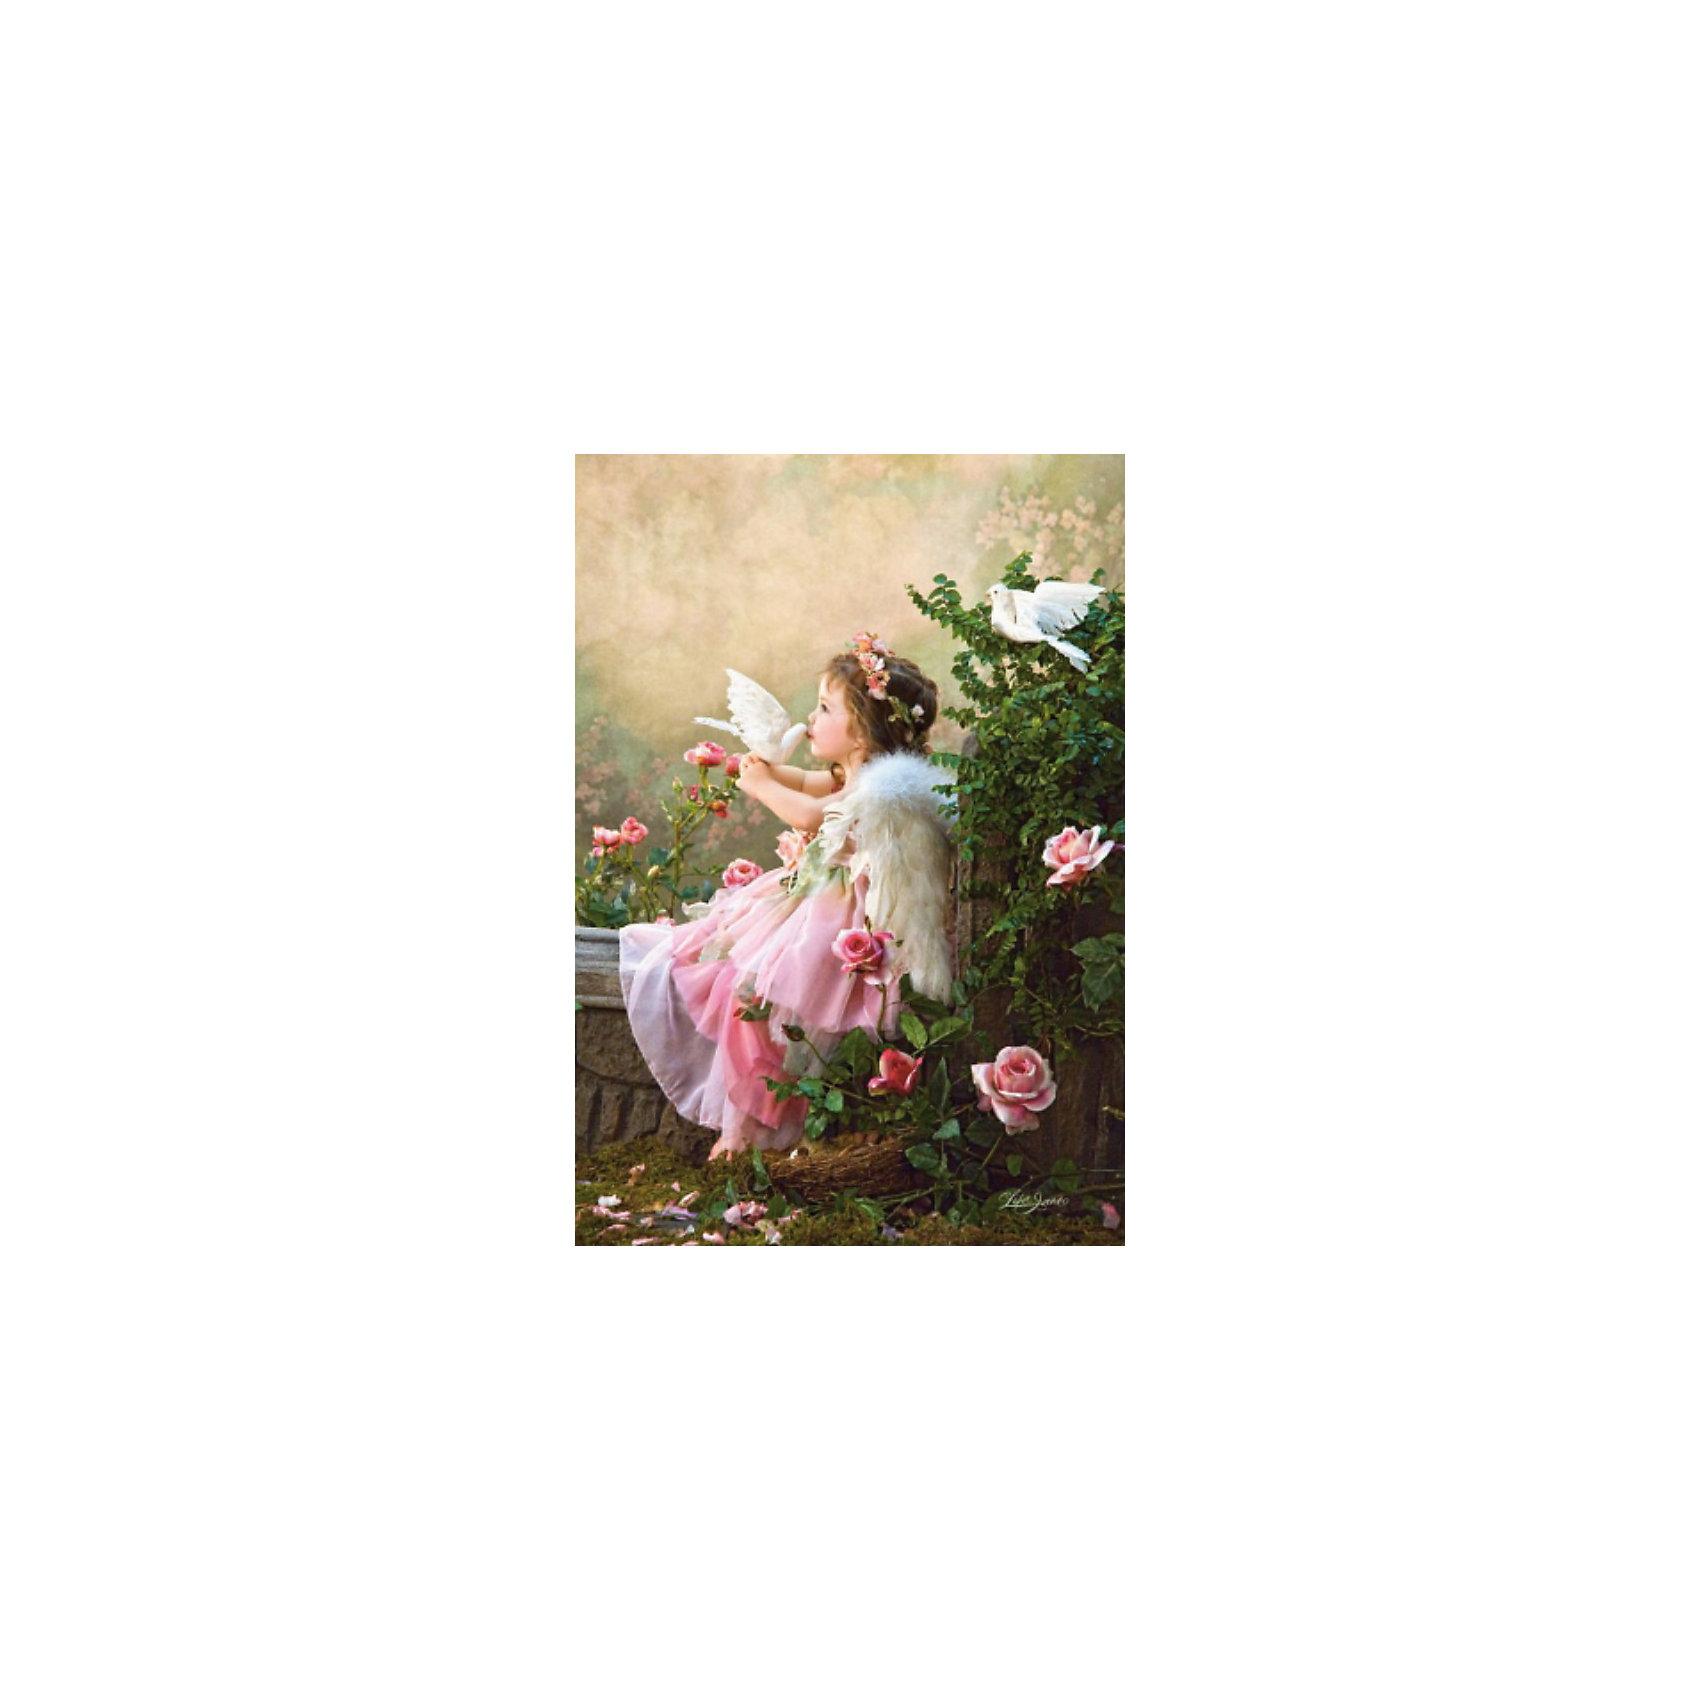 Пазлы Поцелуй ангела, 1000 деталей, CastorlandКлассические пазлы<br>Пазлы Поцелуй ангела, 1000 деталей  - яркий, красивый и качественный пазл от Castorland.<br><br>Дополнительная информация:<br><br>- Кол-во деталей: 1000 шт.<br>- Материал: картон.<br>- Размер собранной картинки: 68 х 47 см.<br>- Размеры: 350x250x50 мм.<br><br>Ширина мм: 350<br>Глубина мм: 50<br>Высота мм: 250<br>Вес г: 500<br>Возраст от месяцев: 168<br>Возраст до месяцев: 1188<br>Пол: Унисекс<br>Возраст: Детский<br>Количество деталей: 1000<br>SKU: 2562329